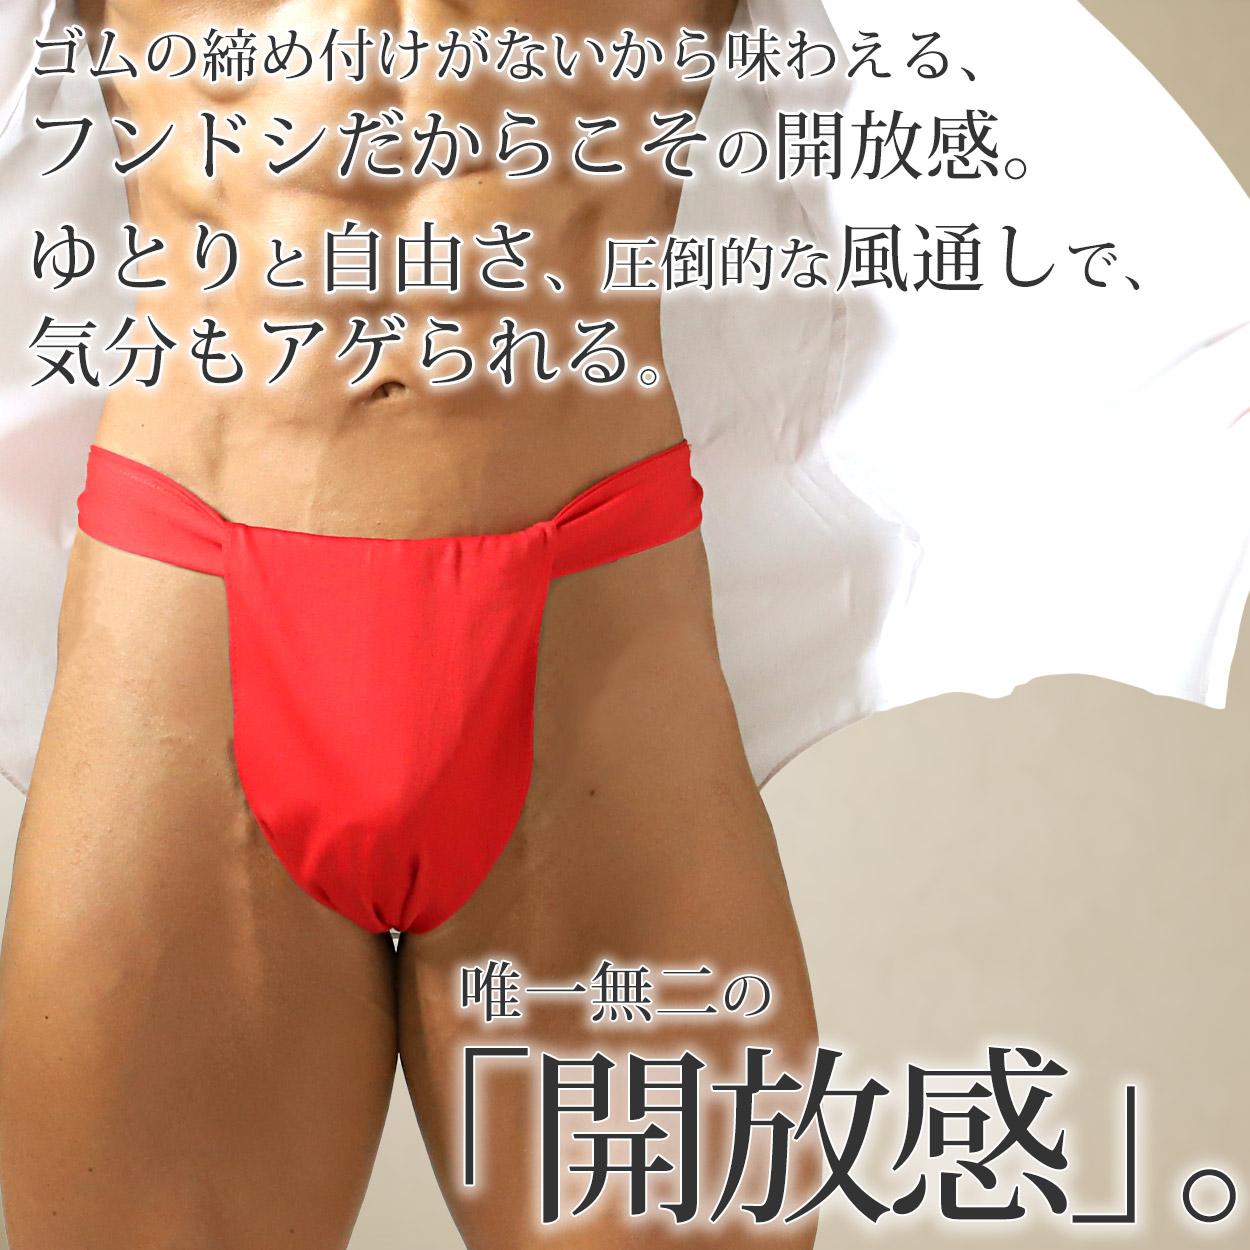 紳士風水カラー六尺褌 フリーサイズ (ふんどし 綿100%)